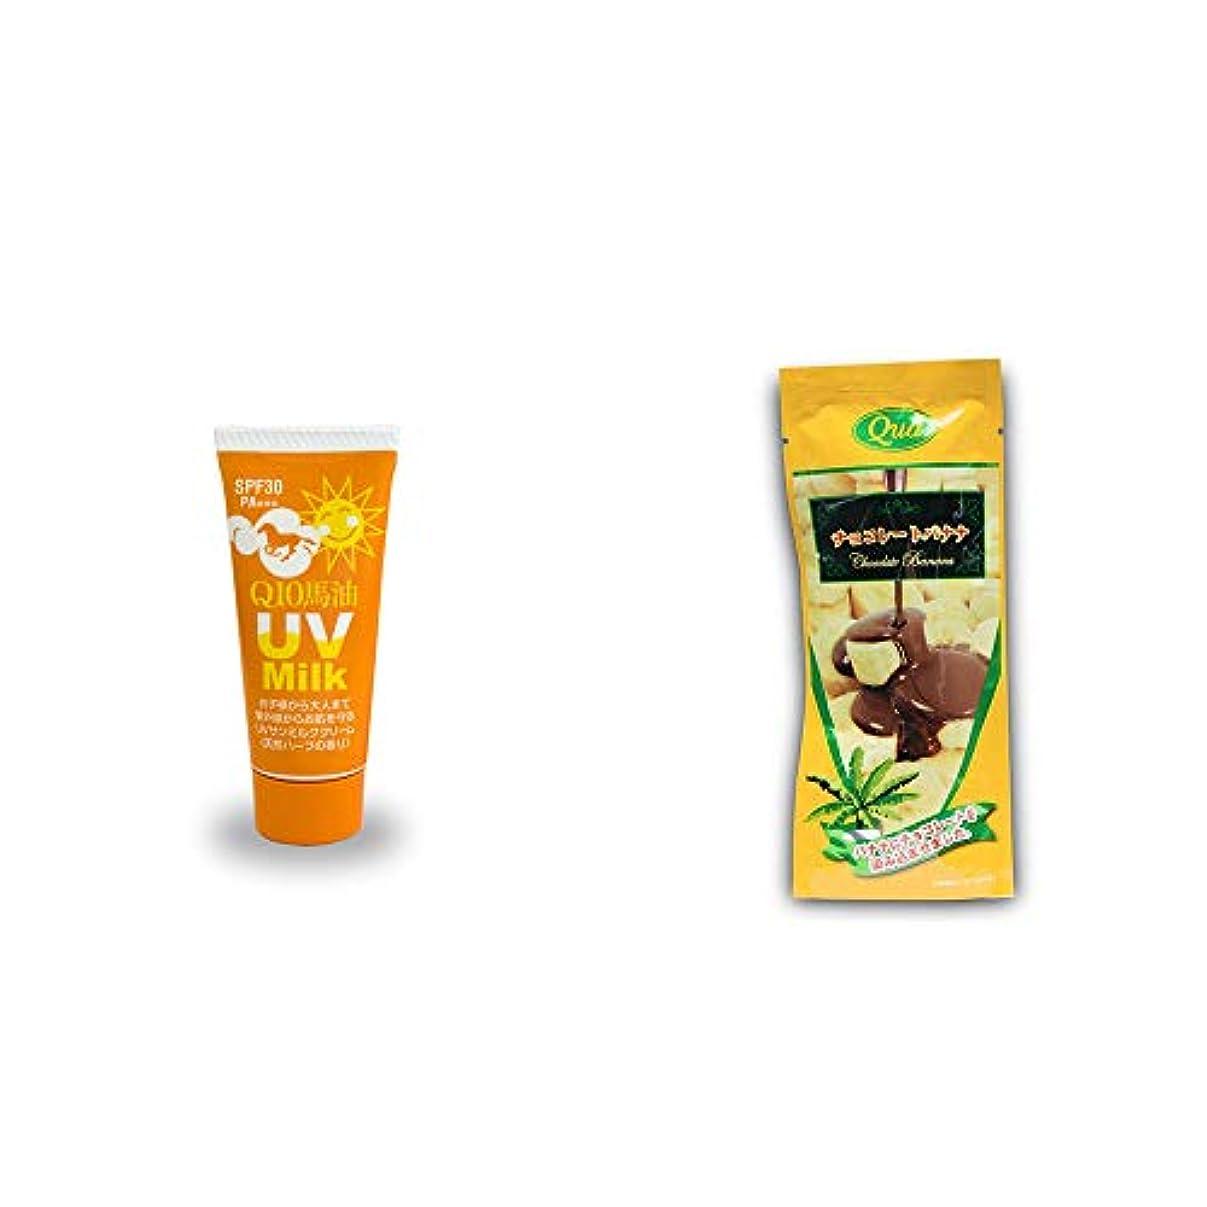 角度若い敬意[2点セット] 炭黒泉 Q10馬油 UVサンミルク[天然ハーブ](40g)?フリーズドライ チョコレートバナナ(50g)